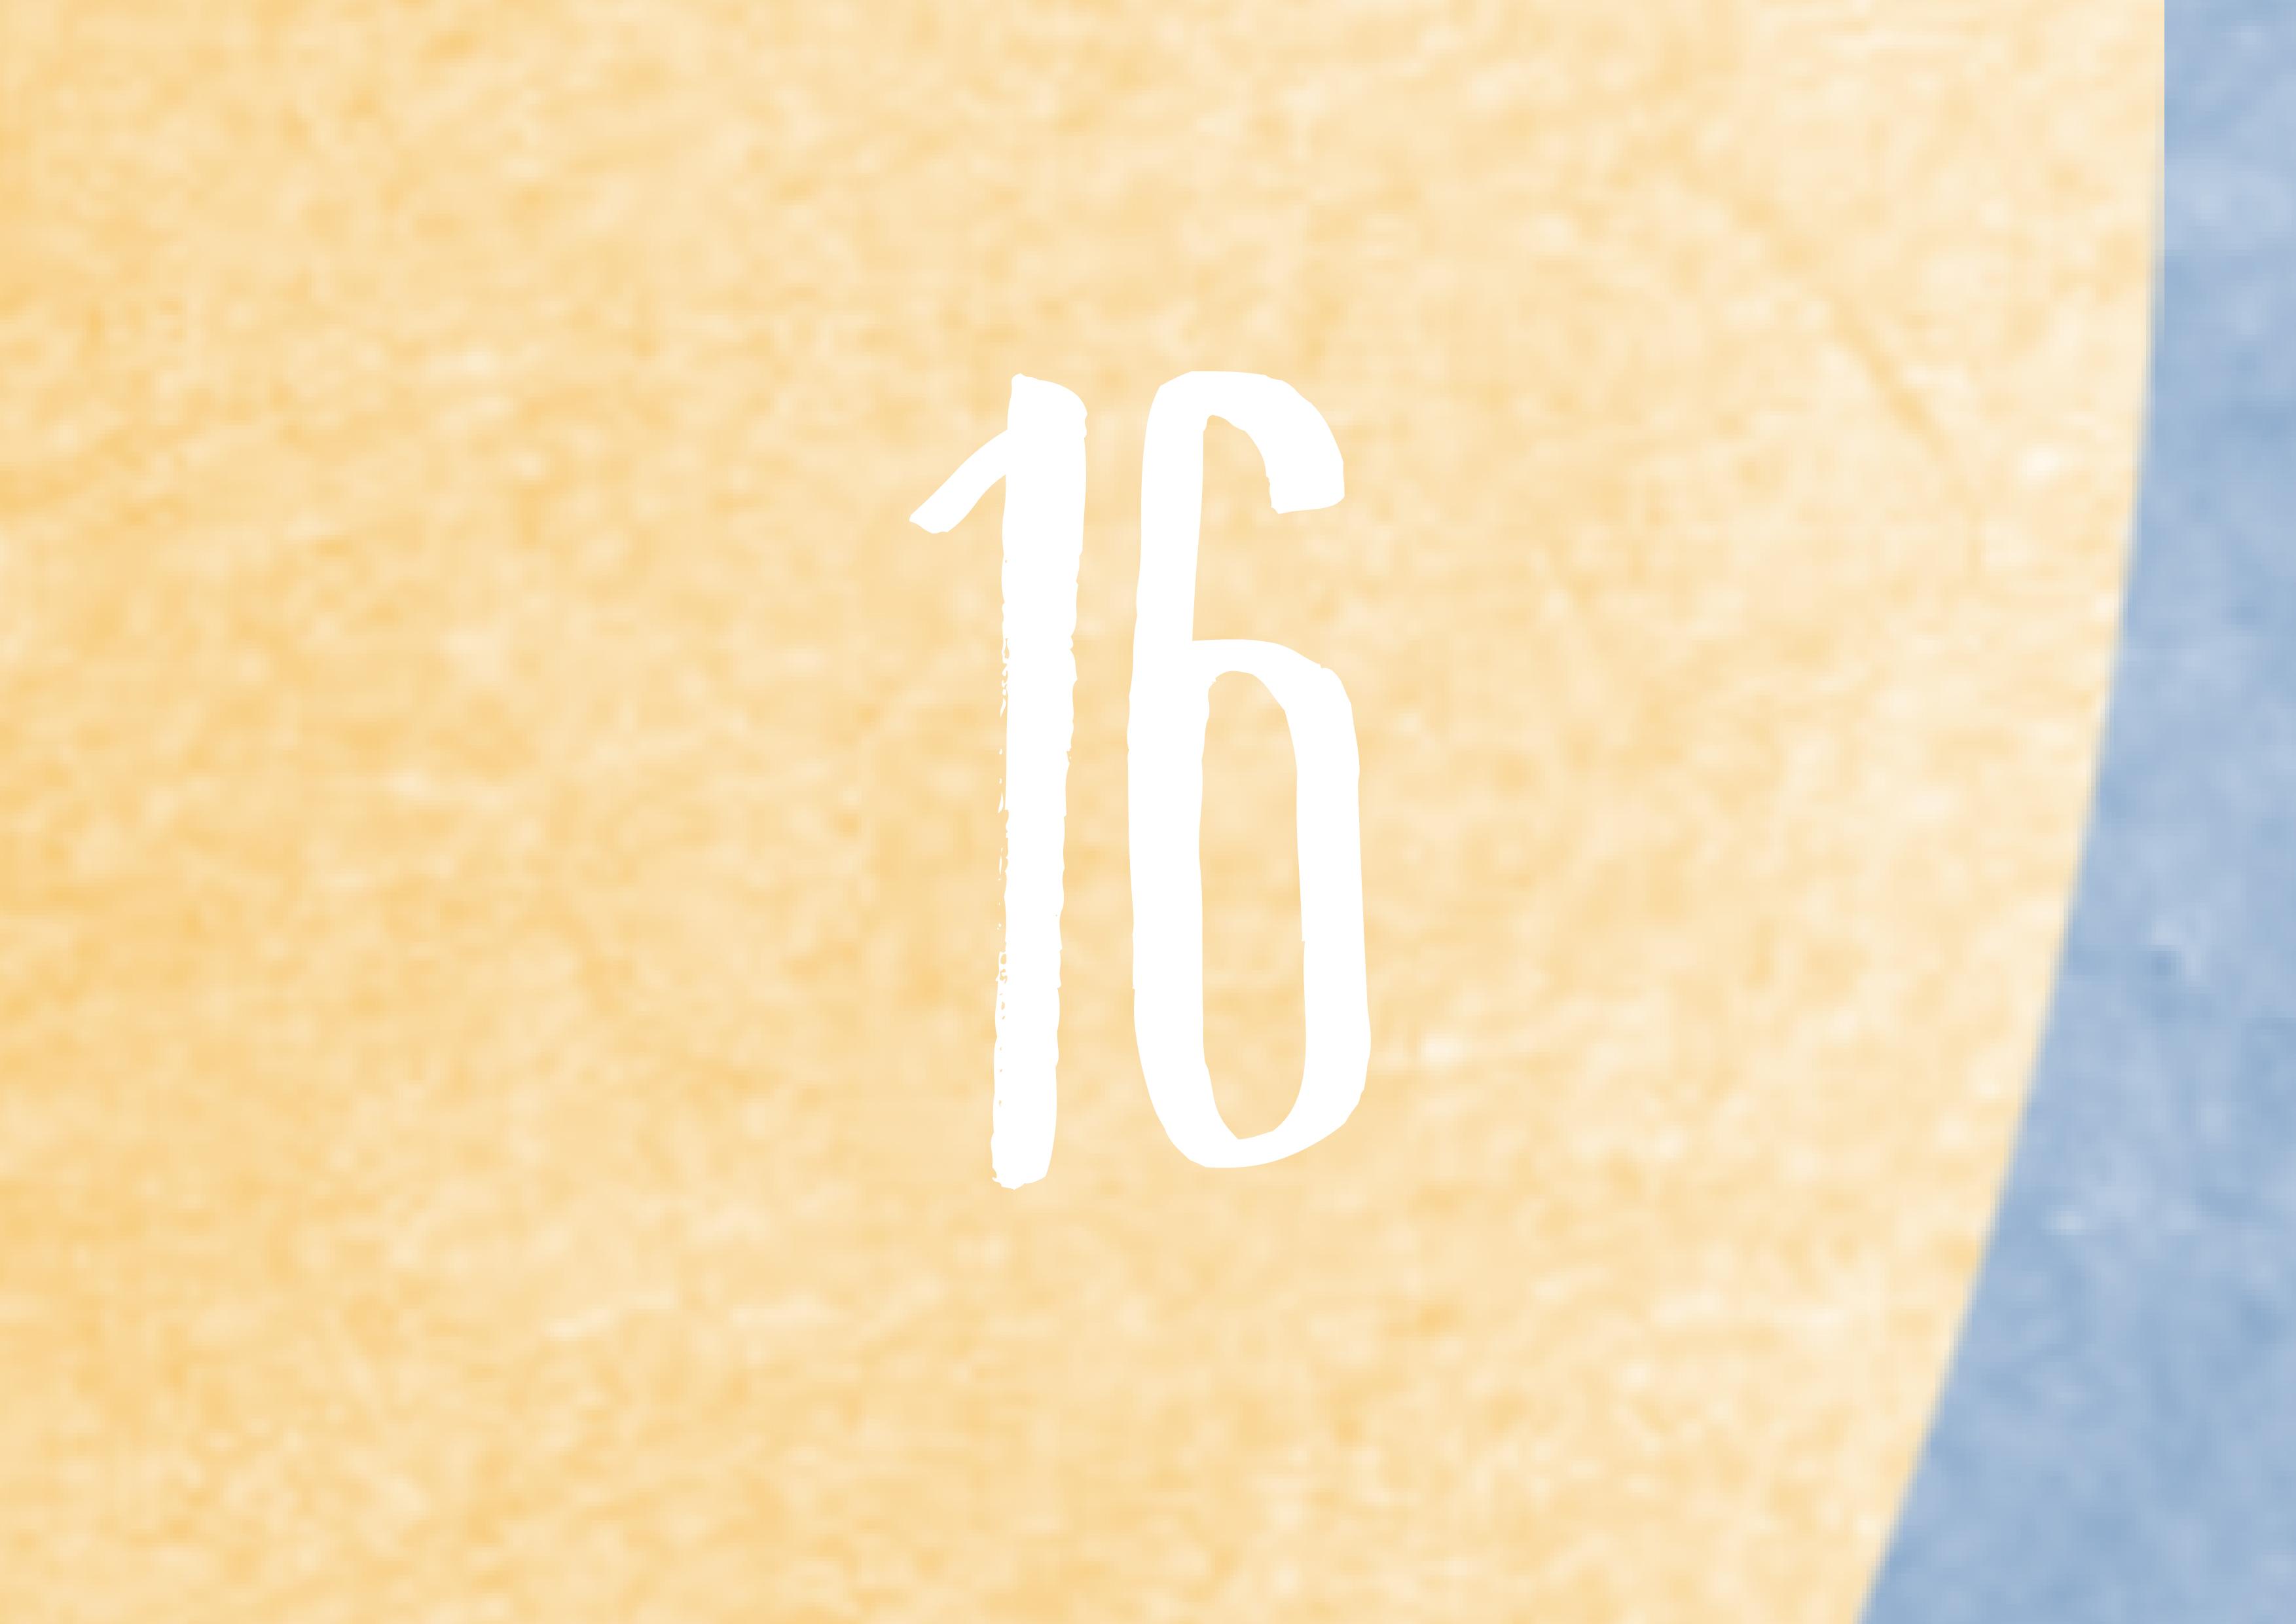 Calendrier de l'avent - 16